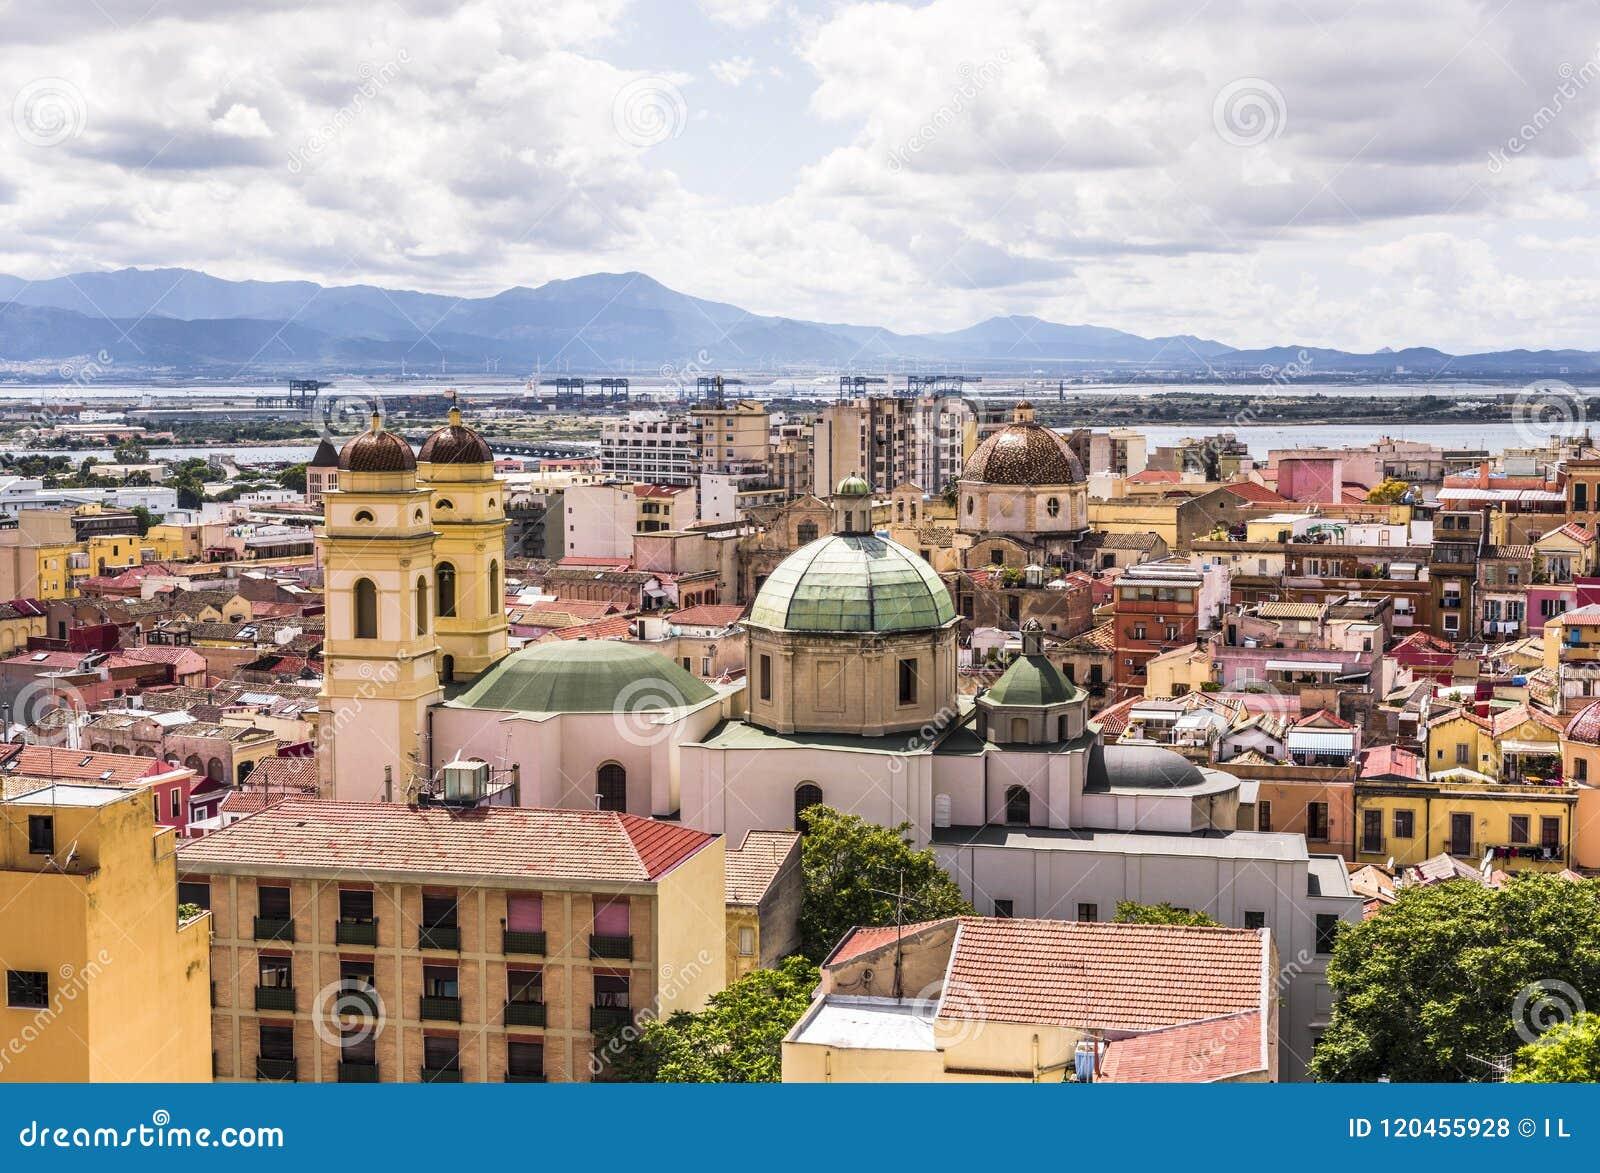 卡利亚里,撒丁岛,意大利的首府都市风景